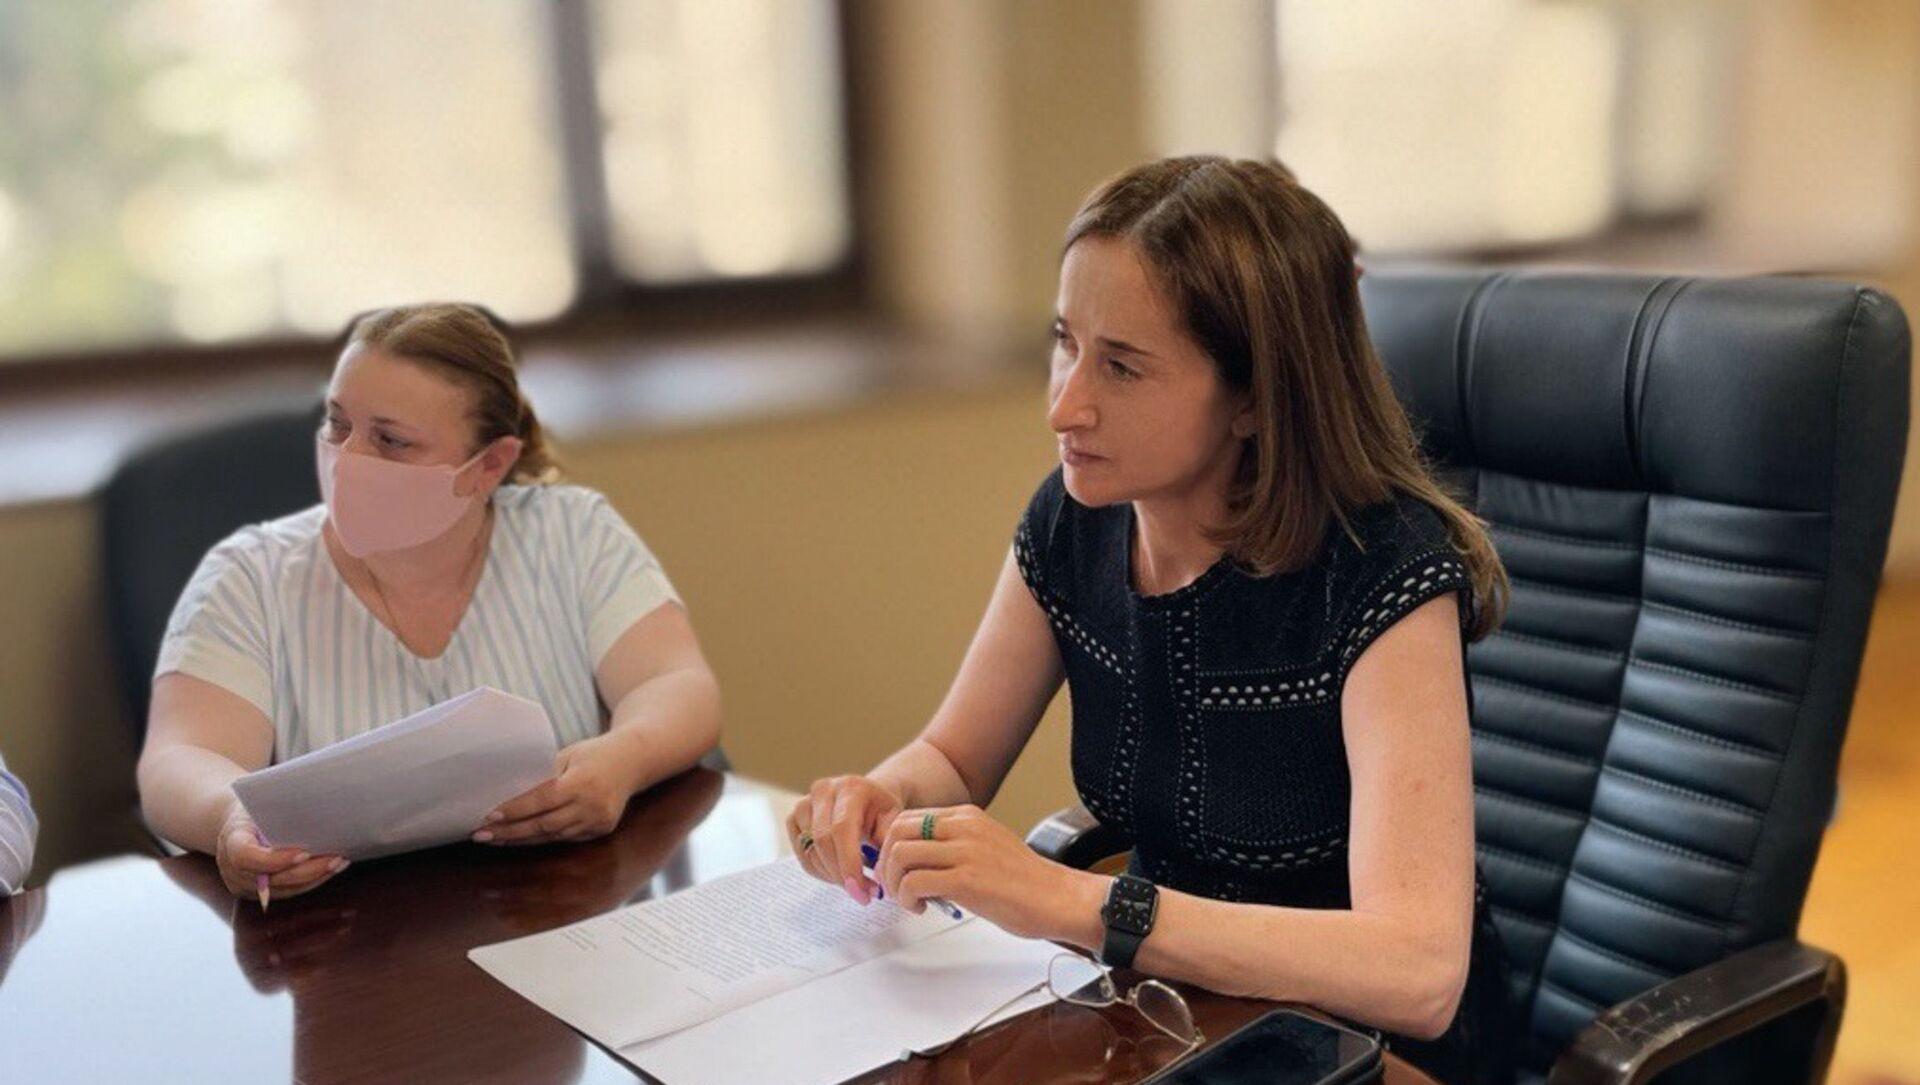 Вице-премьер, министр экономики Кристина Озган провела совещание с представителями бизнеса в сфере продажи топлива. - Sputnik Аҧсны, 1920, 04.08.2021